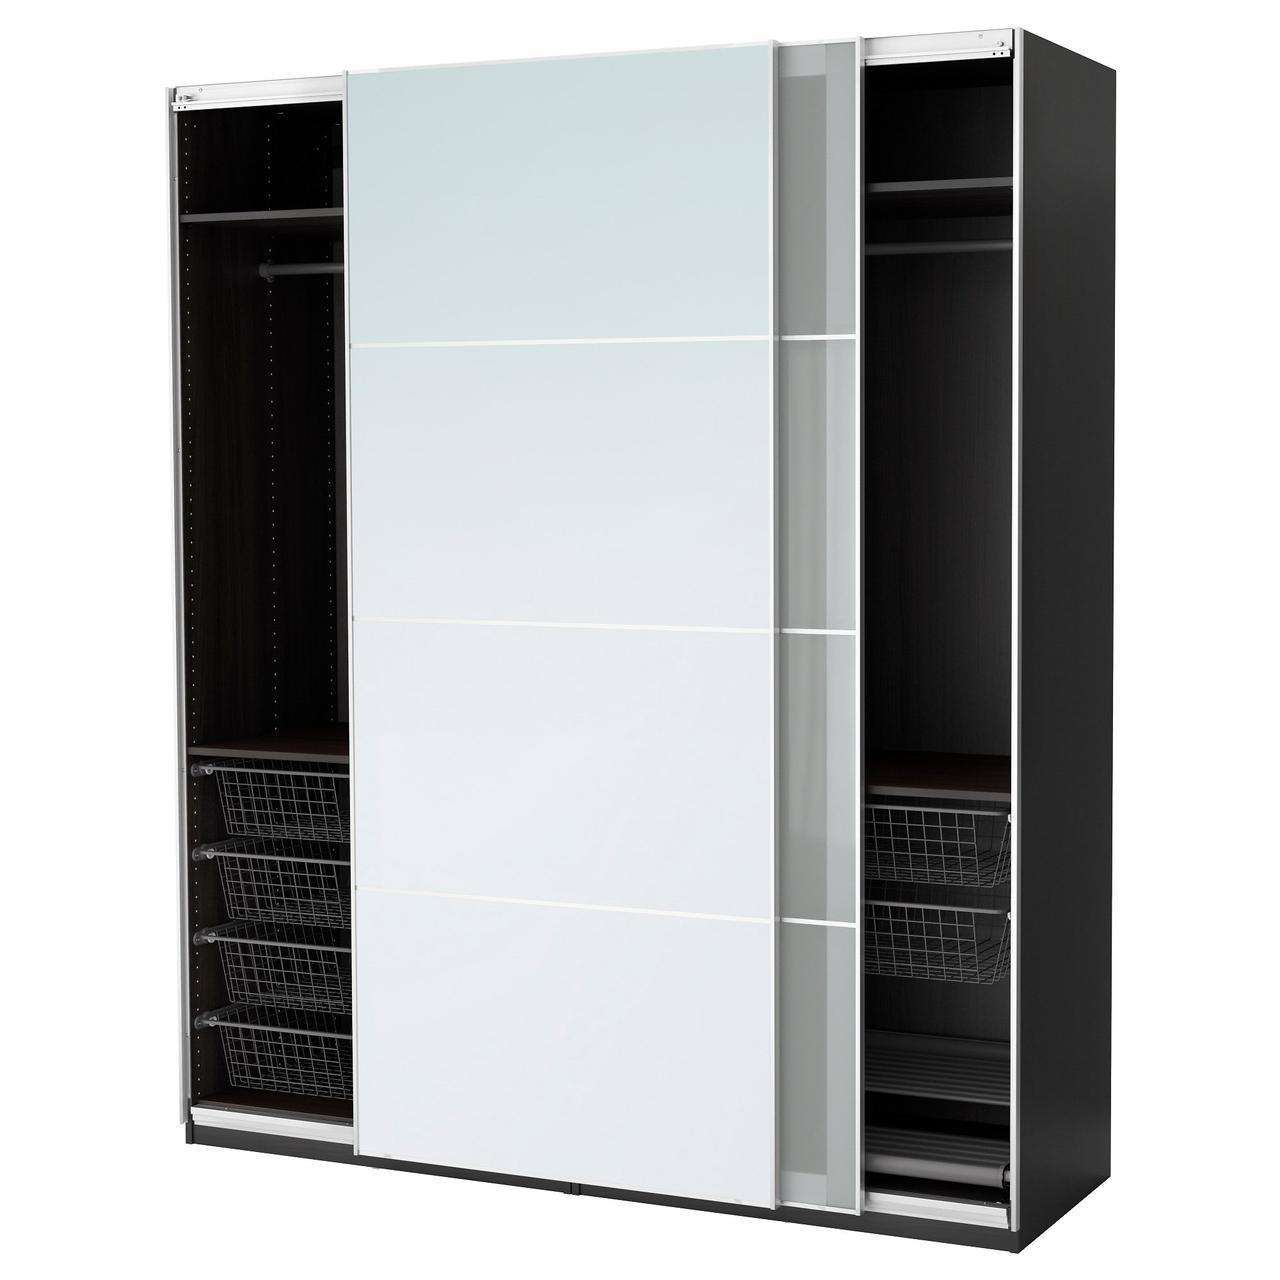 IKEA PAX Шкаф, черно-коричневый, Аули Сэккен  (391.273.62)